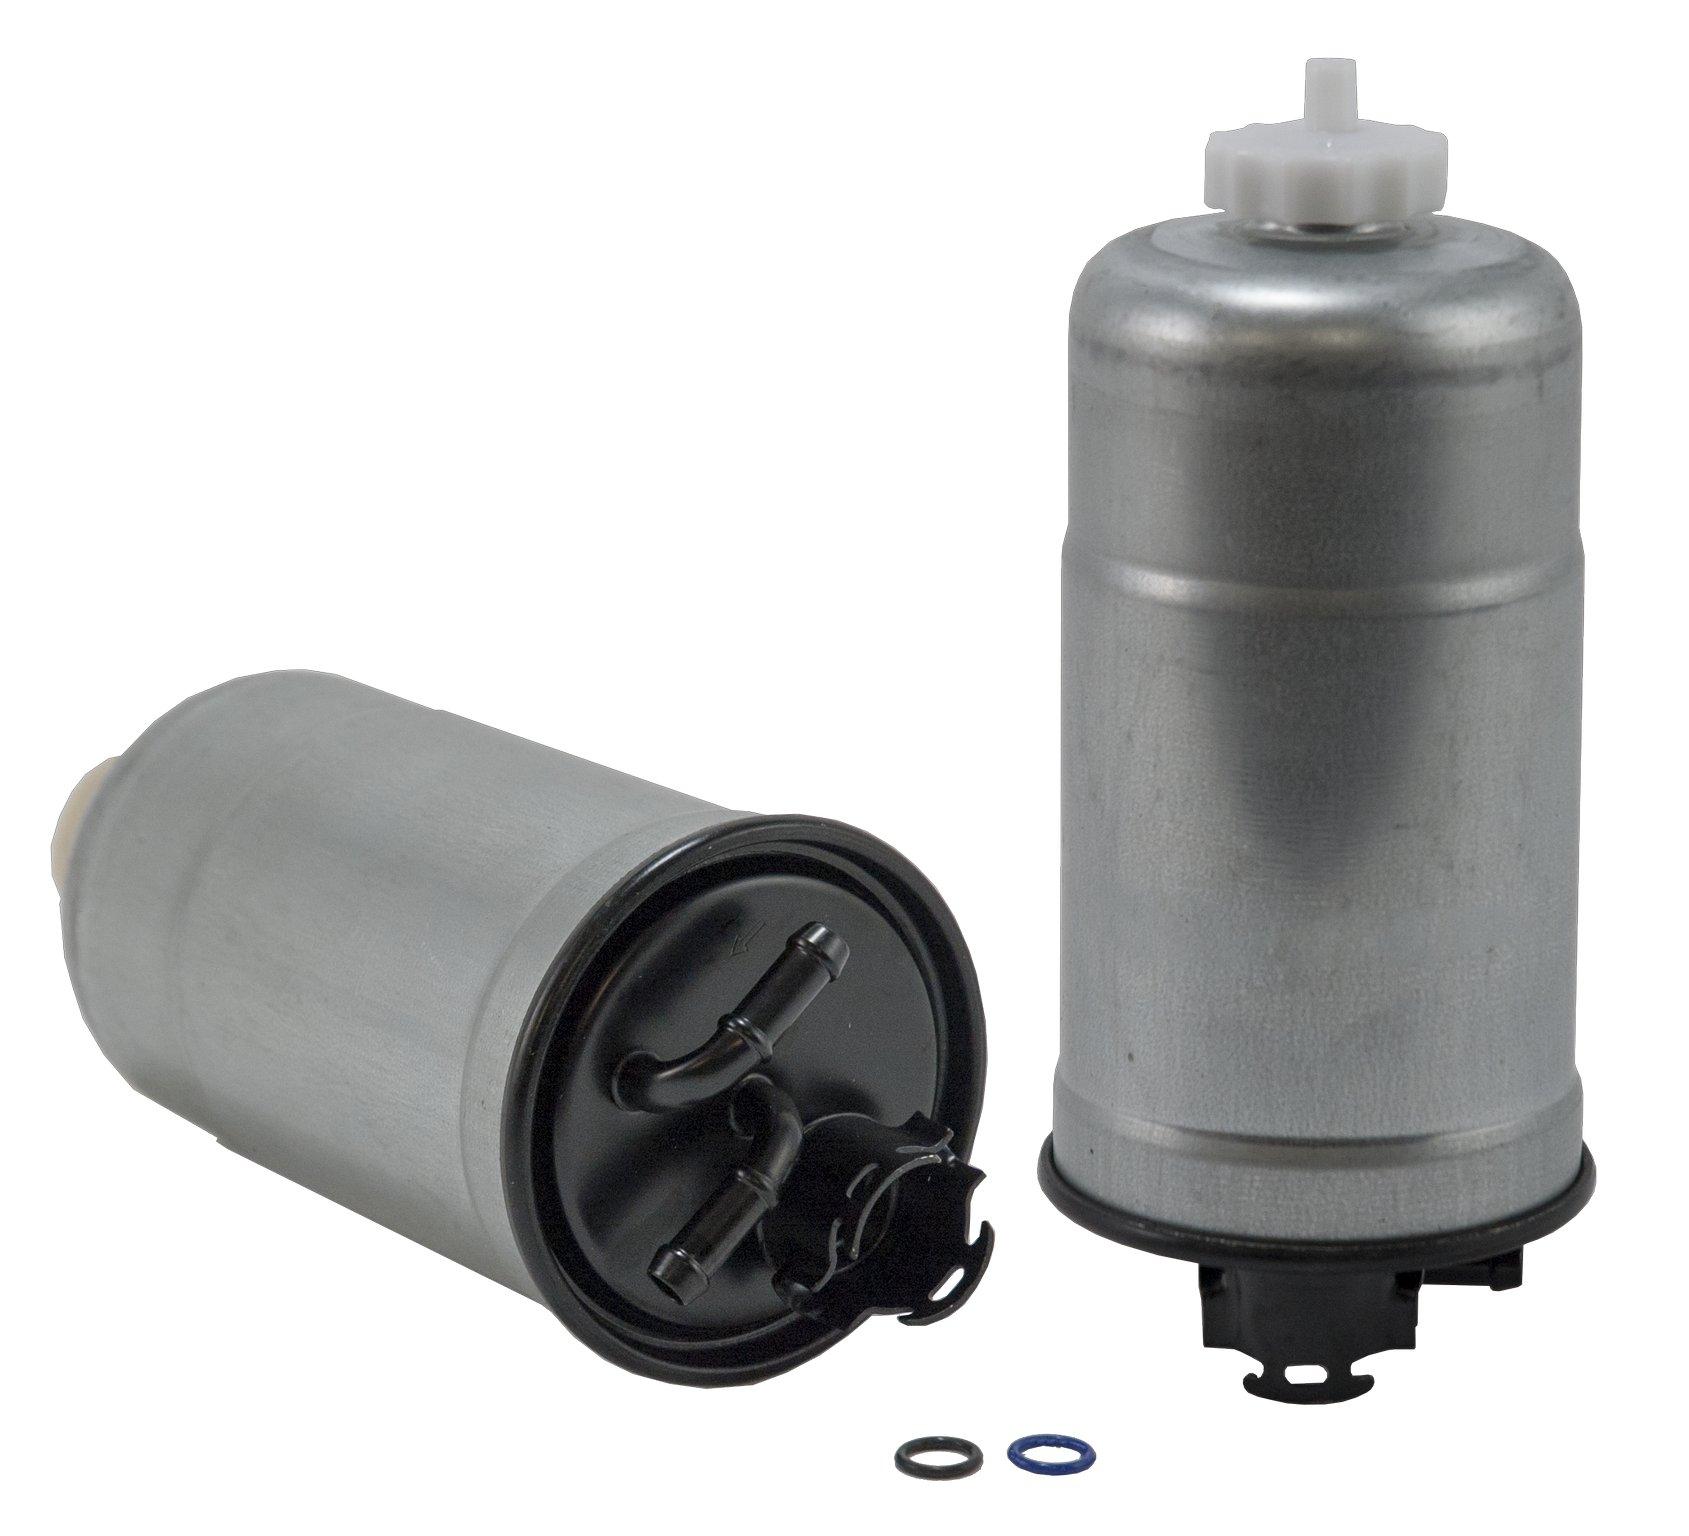 hight resolution of 1999 volkswagen jetta fuel filter wf 33619